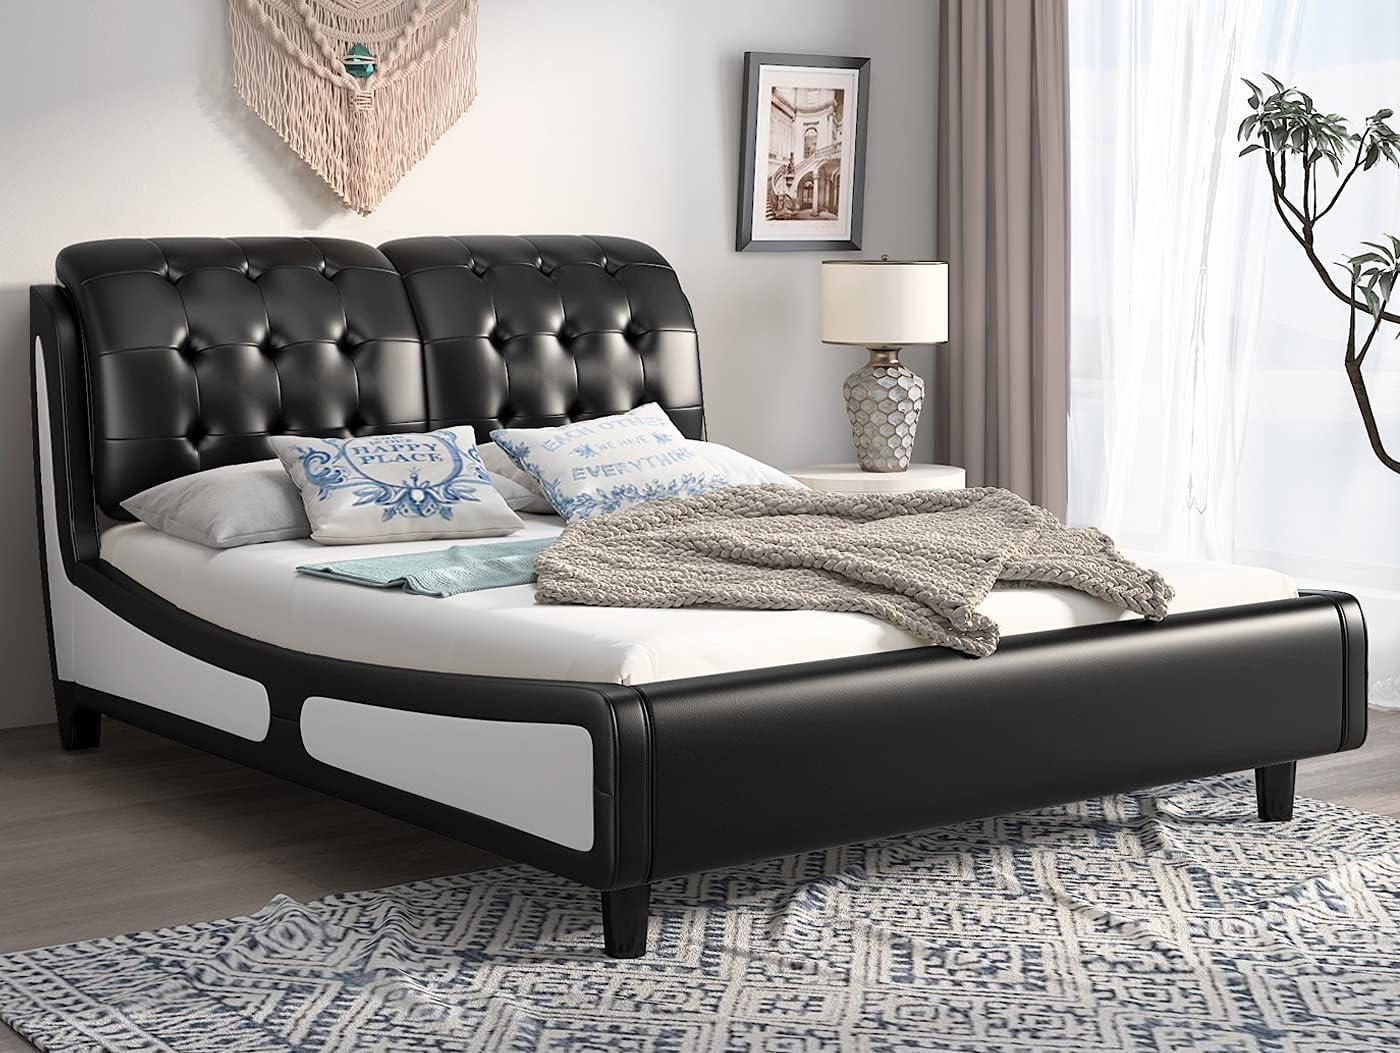 SHA CERLIN Queen Size Deluxe Upholstered 35% OFF Frame Sale item Platform Bed But